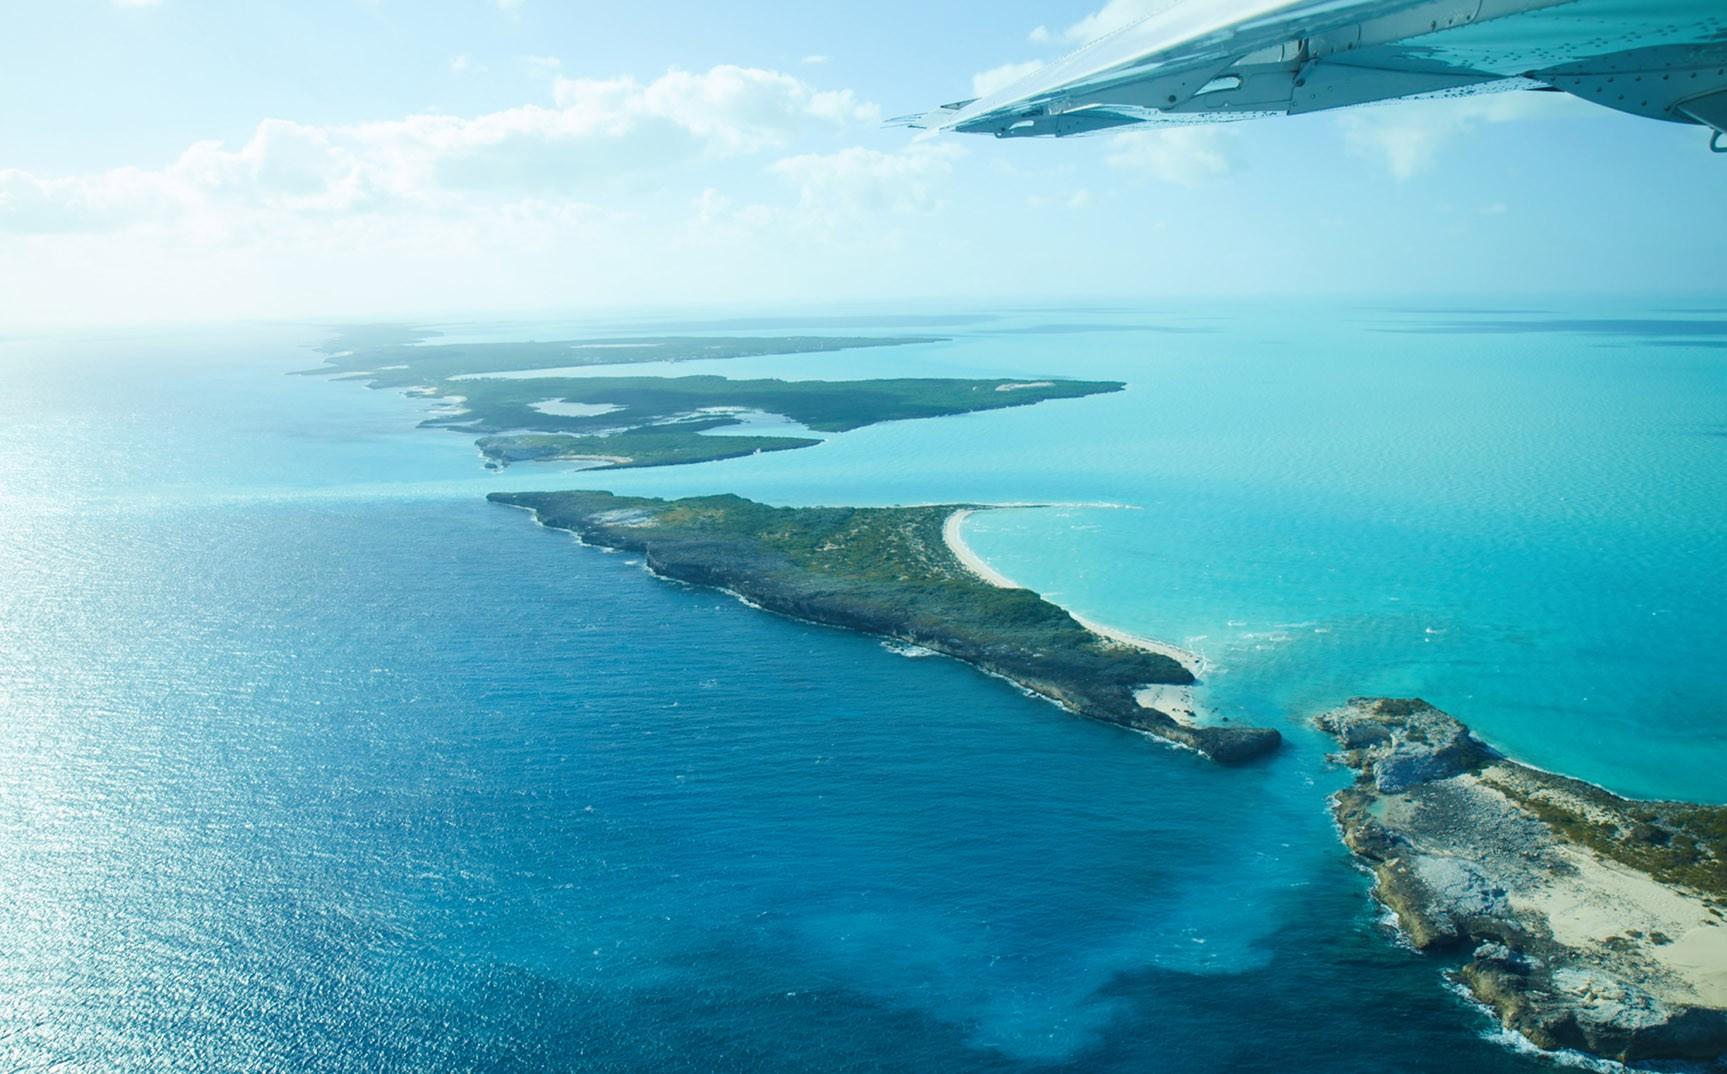 на съемочной площадке календаря Wurth 2018 - сексуальные девушки и пляжи Багамских островов